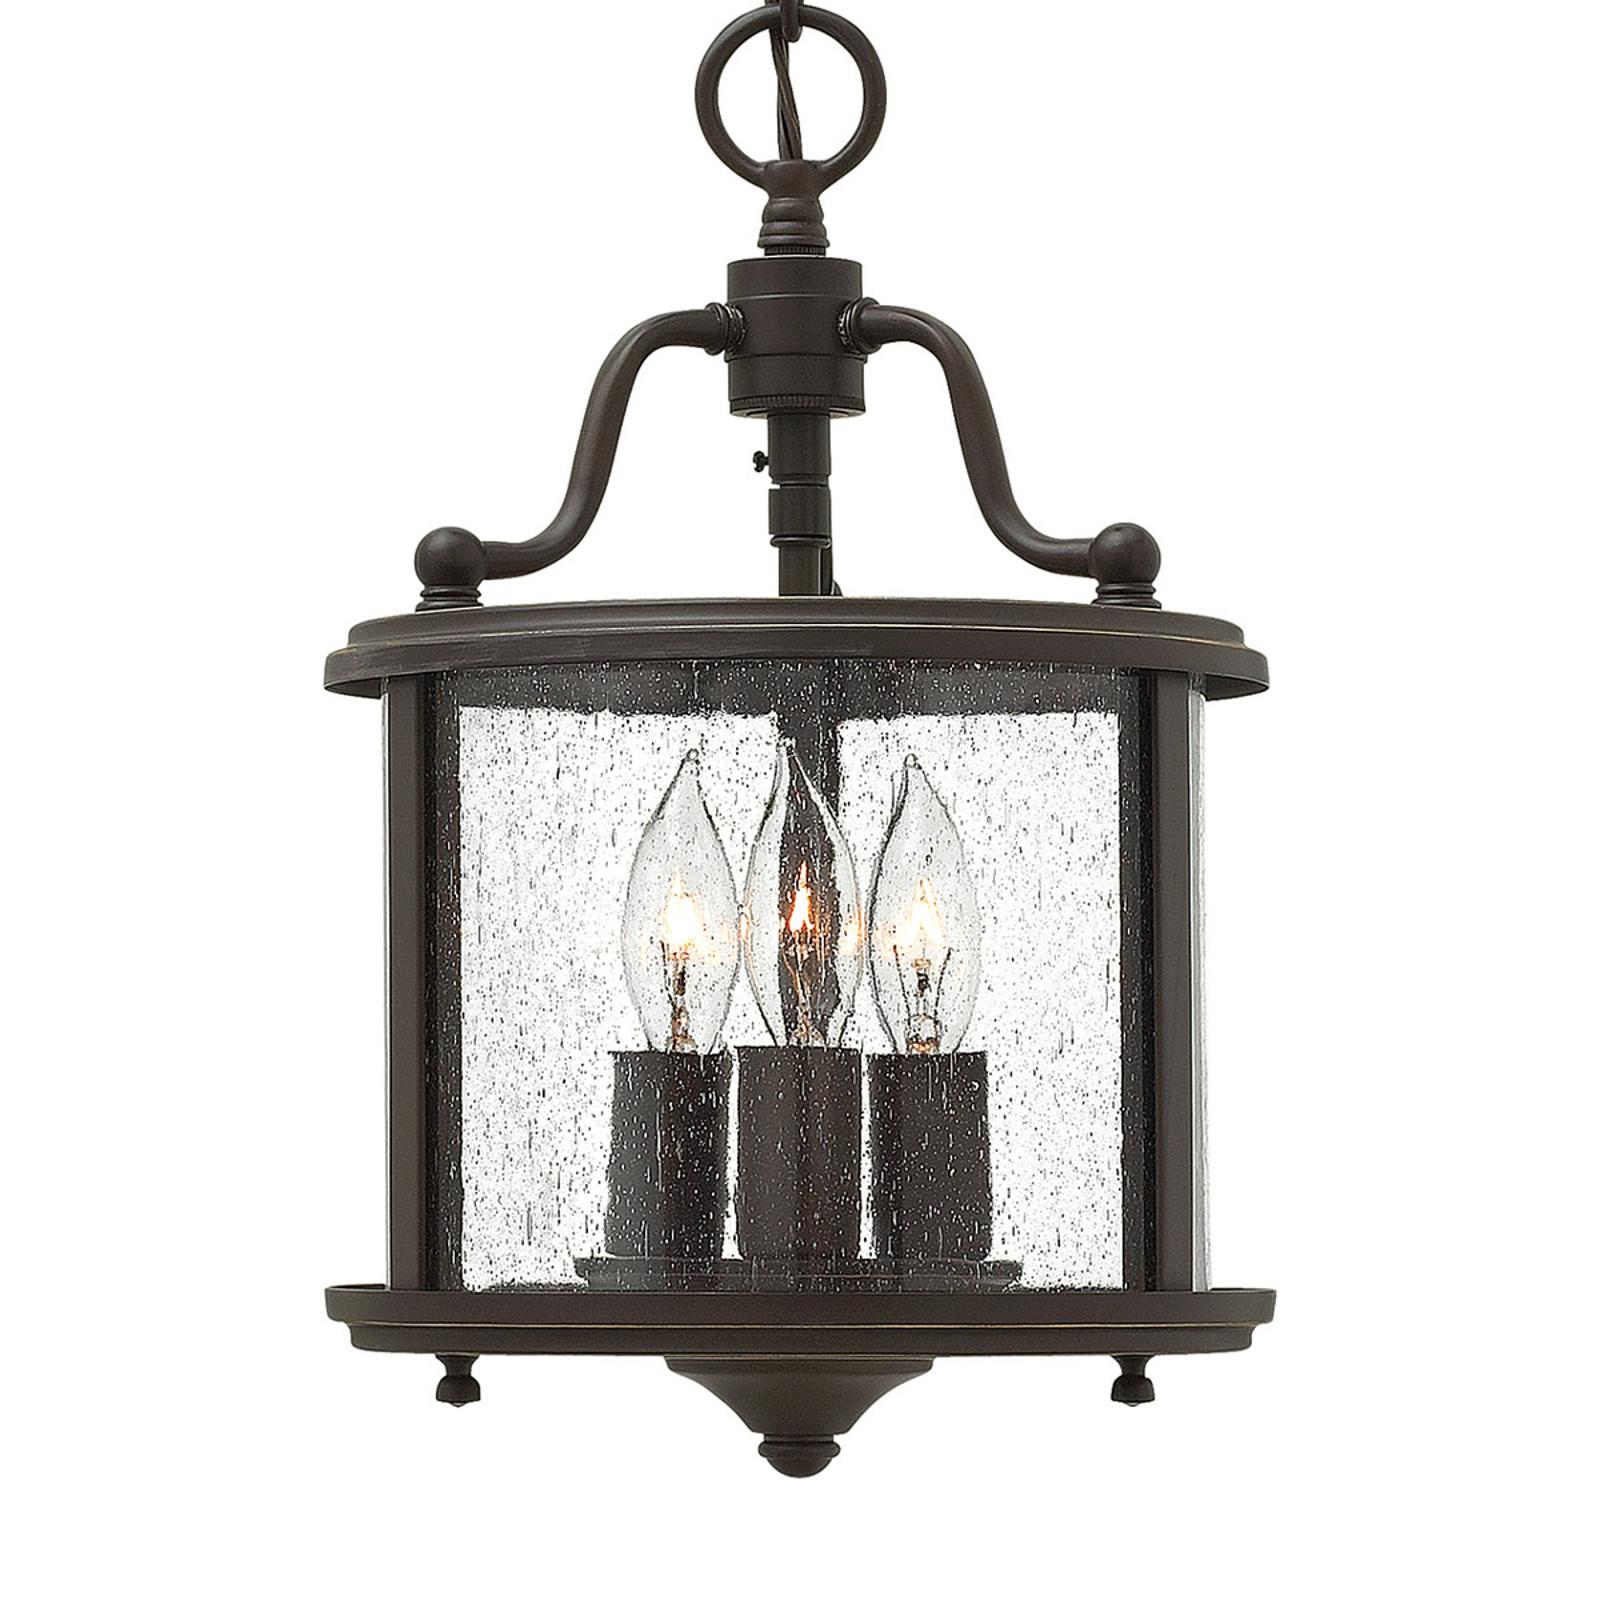 Stylizowana na starą lampa wisząca Gentry